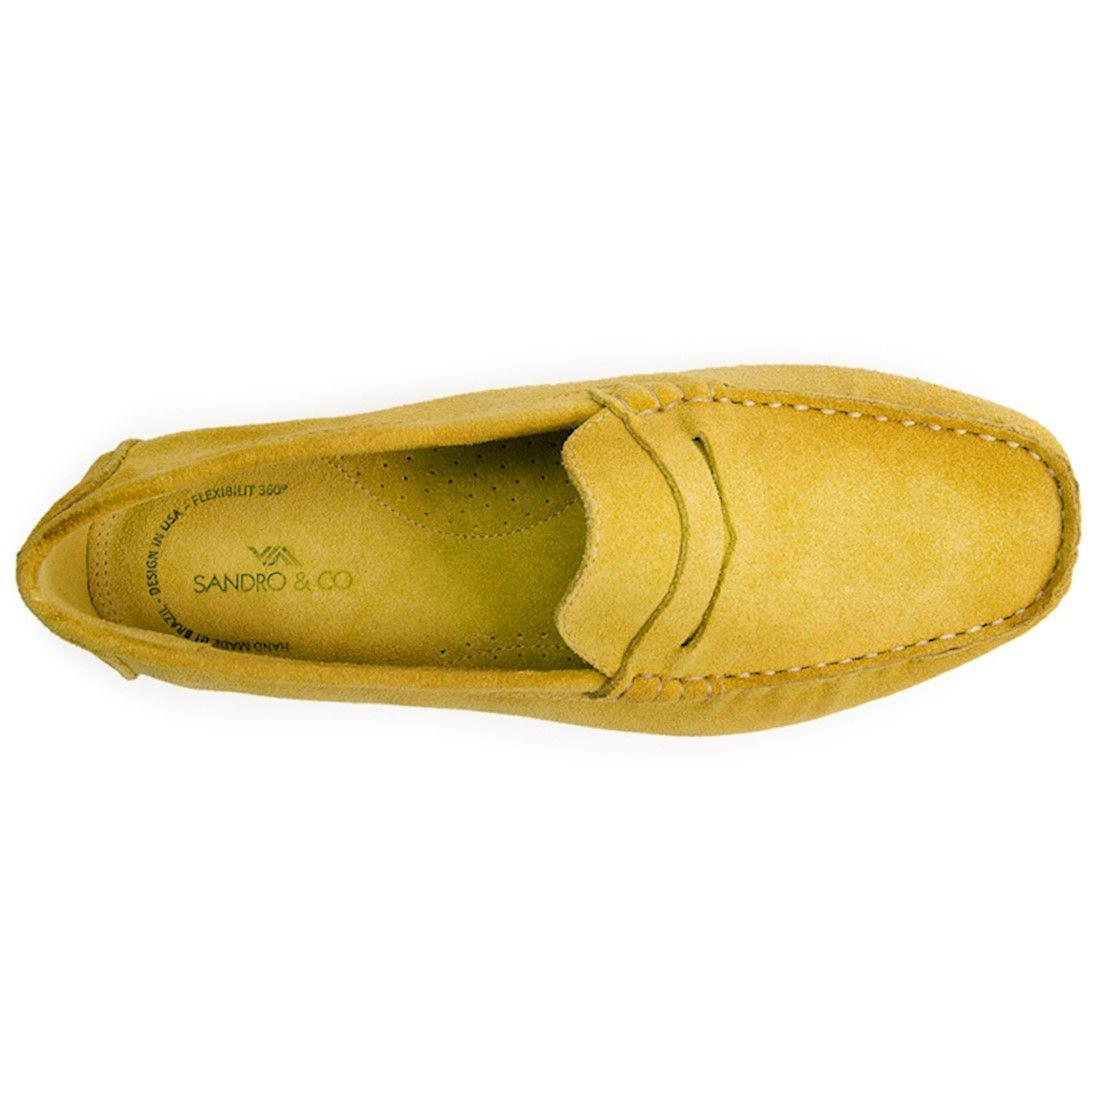 fc0addd0c Sapato masculino driver sandro moscoloni pitangueiras amarelo yellow R$  189,90 à vista. Adicionar à sacola